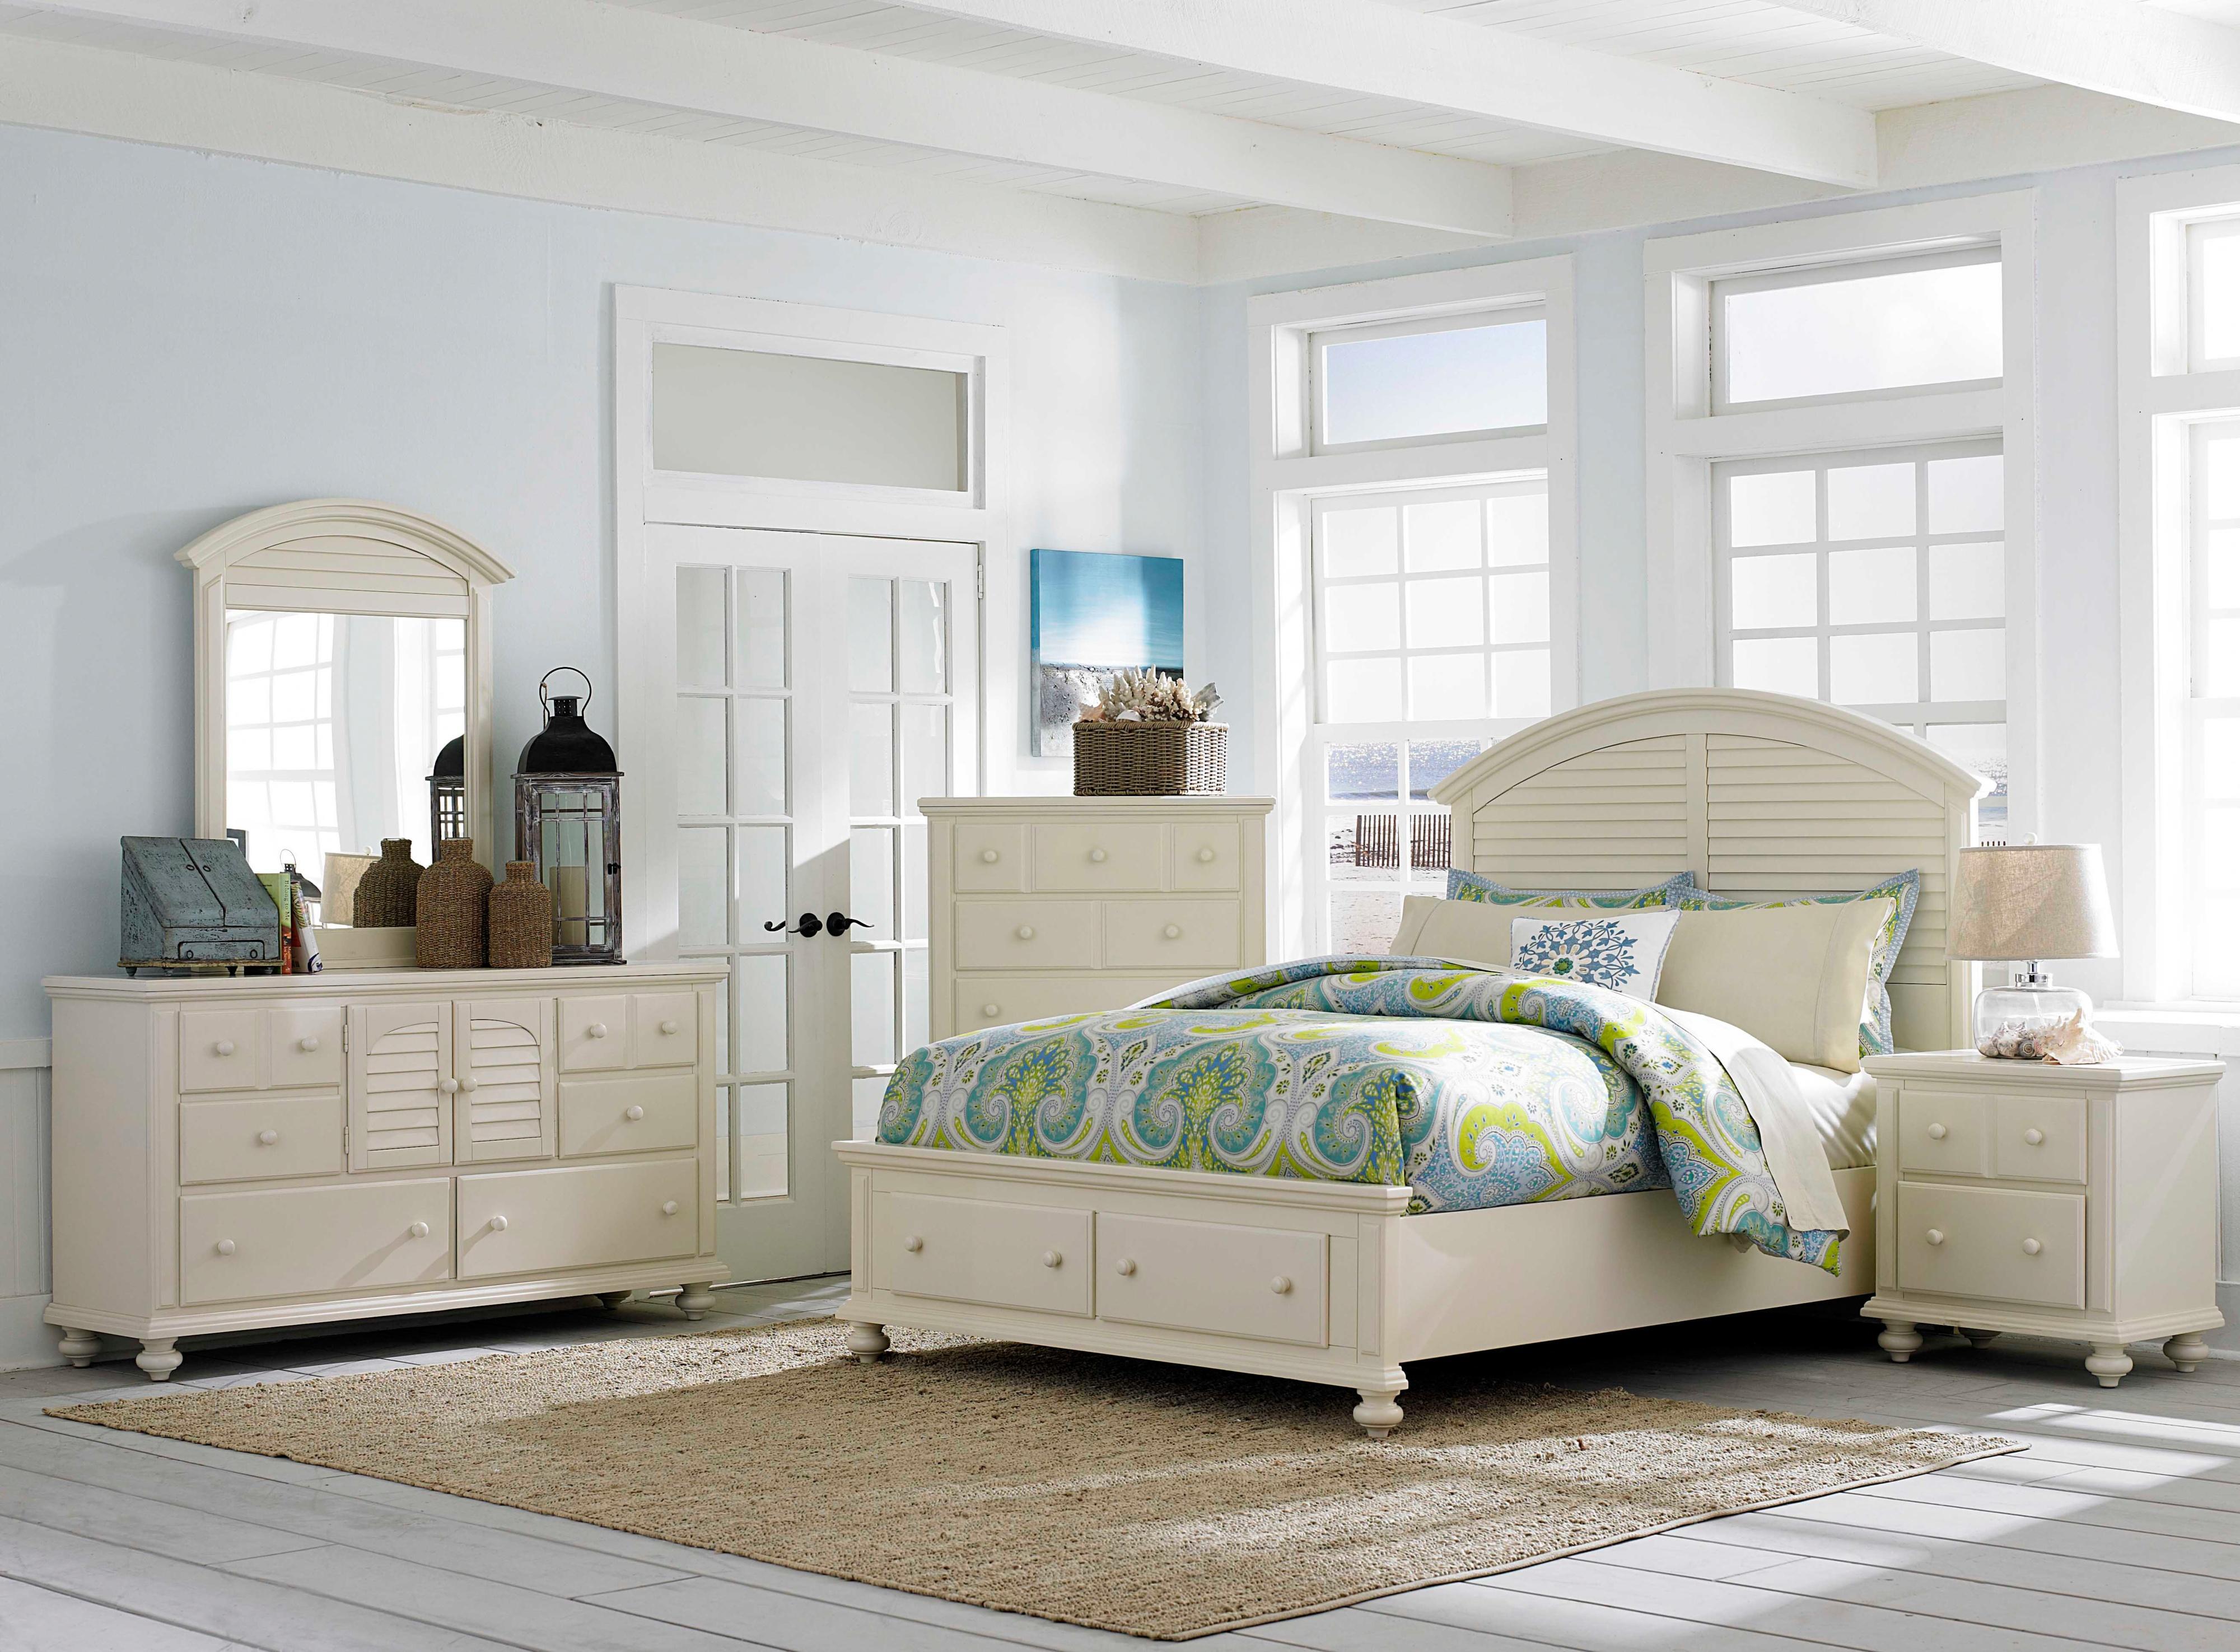 Seabrooke 4471 By Broyhill Furniture Baers Furniture